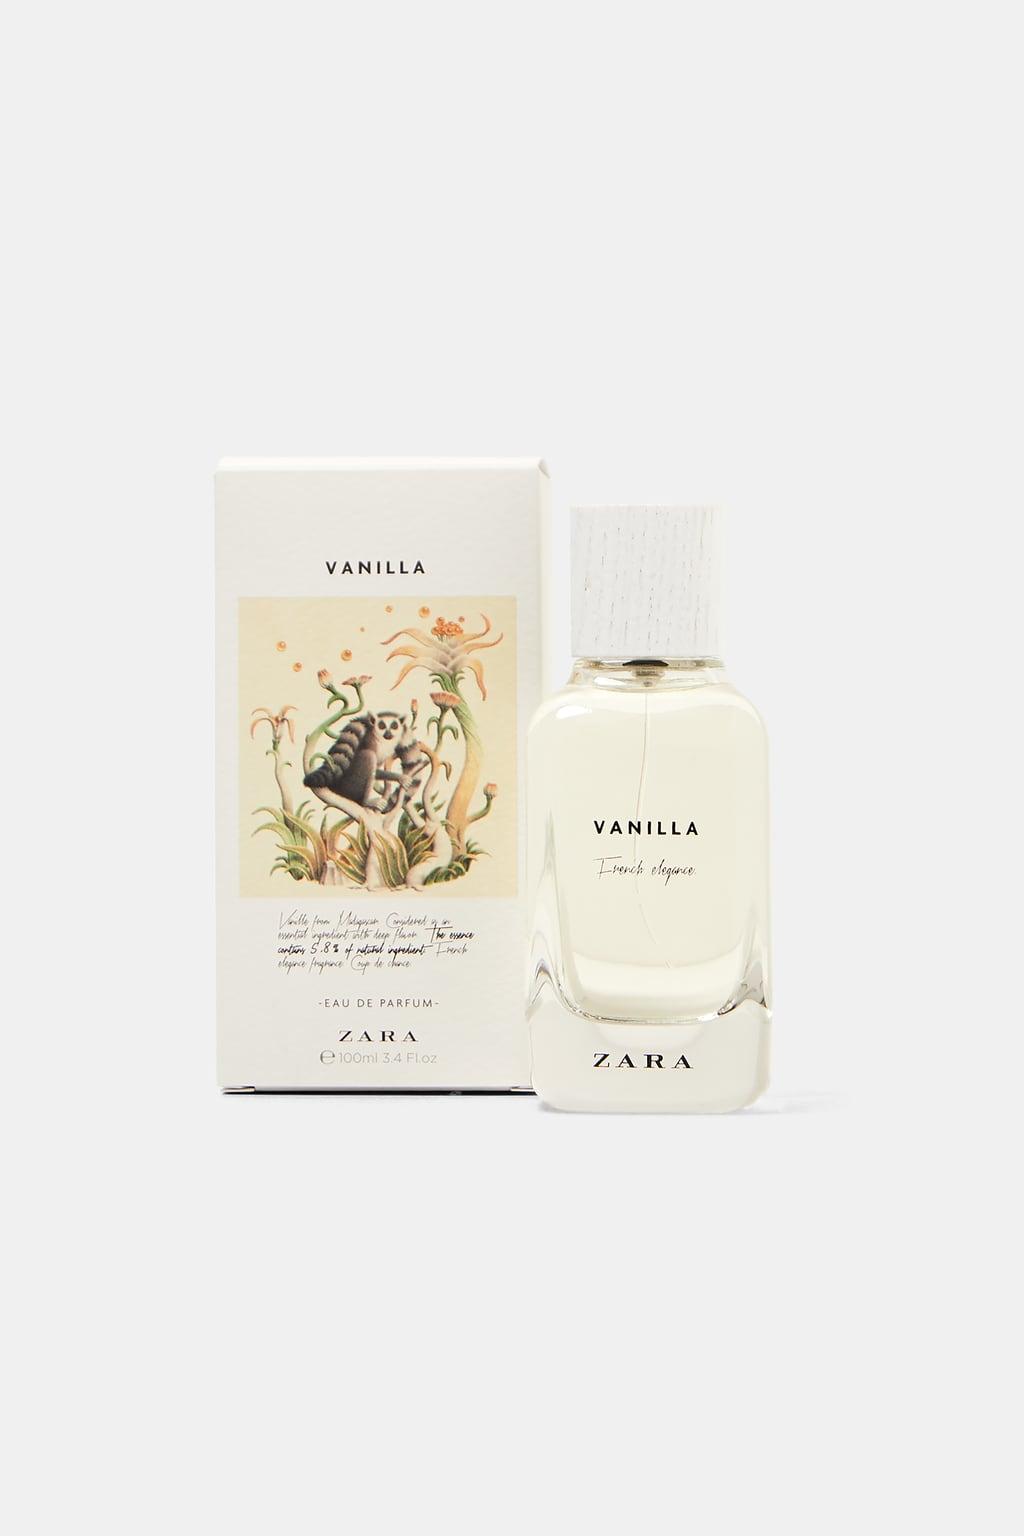 Homme French Elegance Zara Pour Vanilla Un Nouveau Parfum 2WHE9eDIY